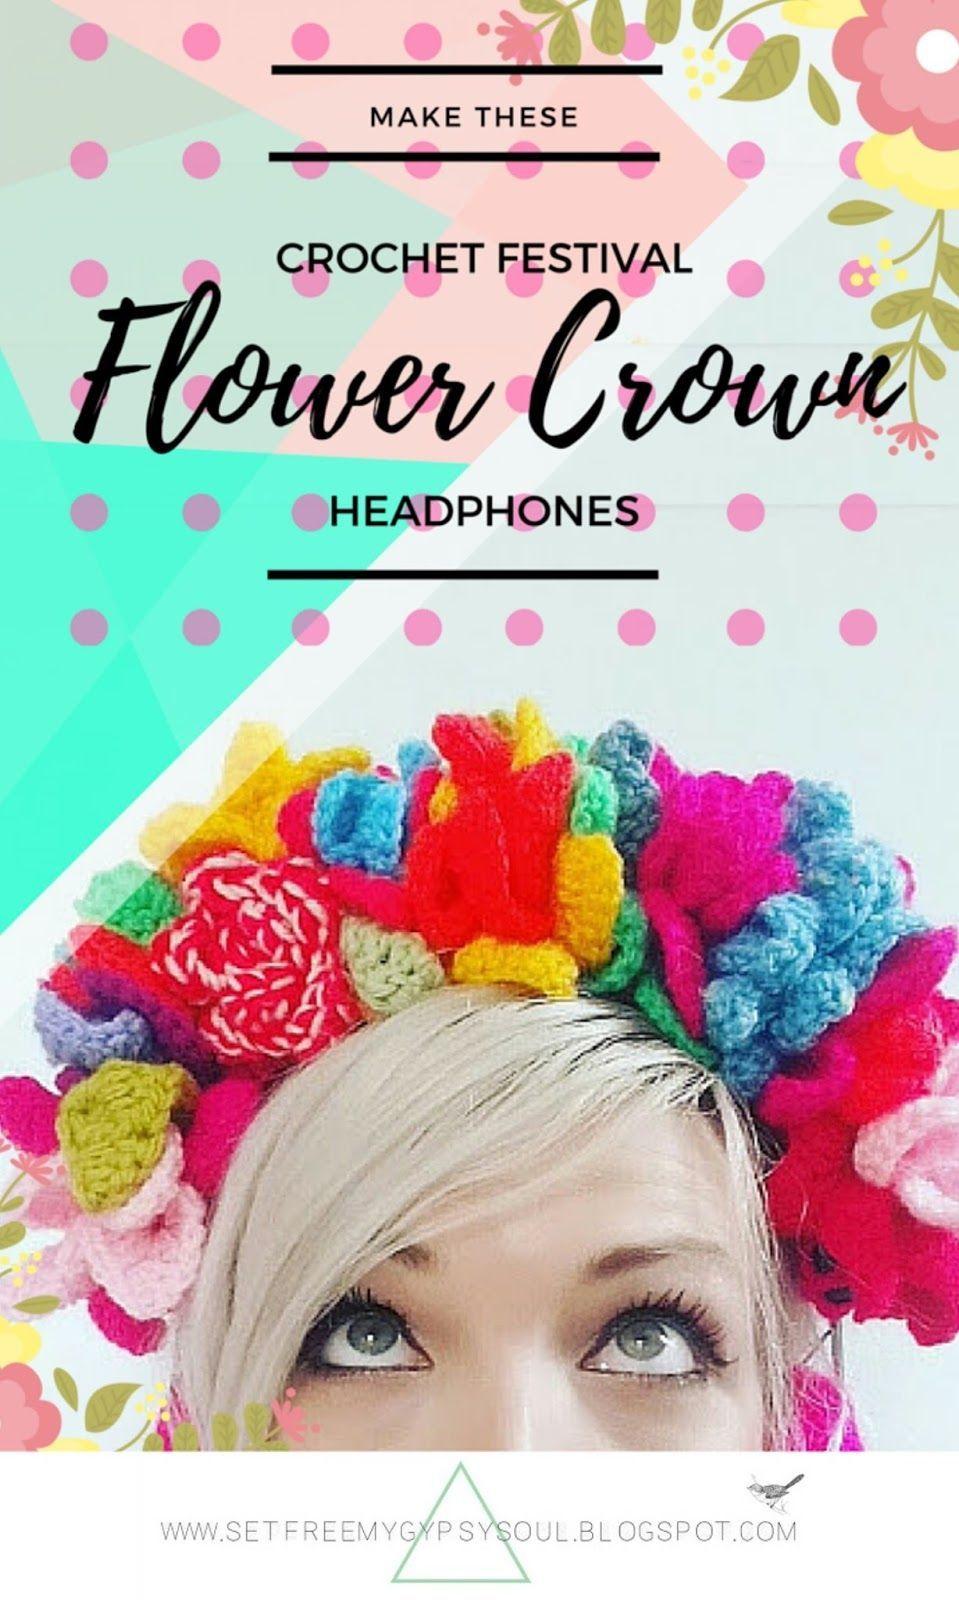 Festival Flower Crown Crochet Headphones | Free Crochet Pattern (SFMGS) #crownscrocheted Festival Flower Crown Crochet Headphones | Free Crochet Pattern #crownscrocheted